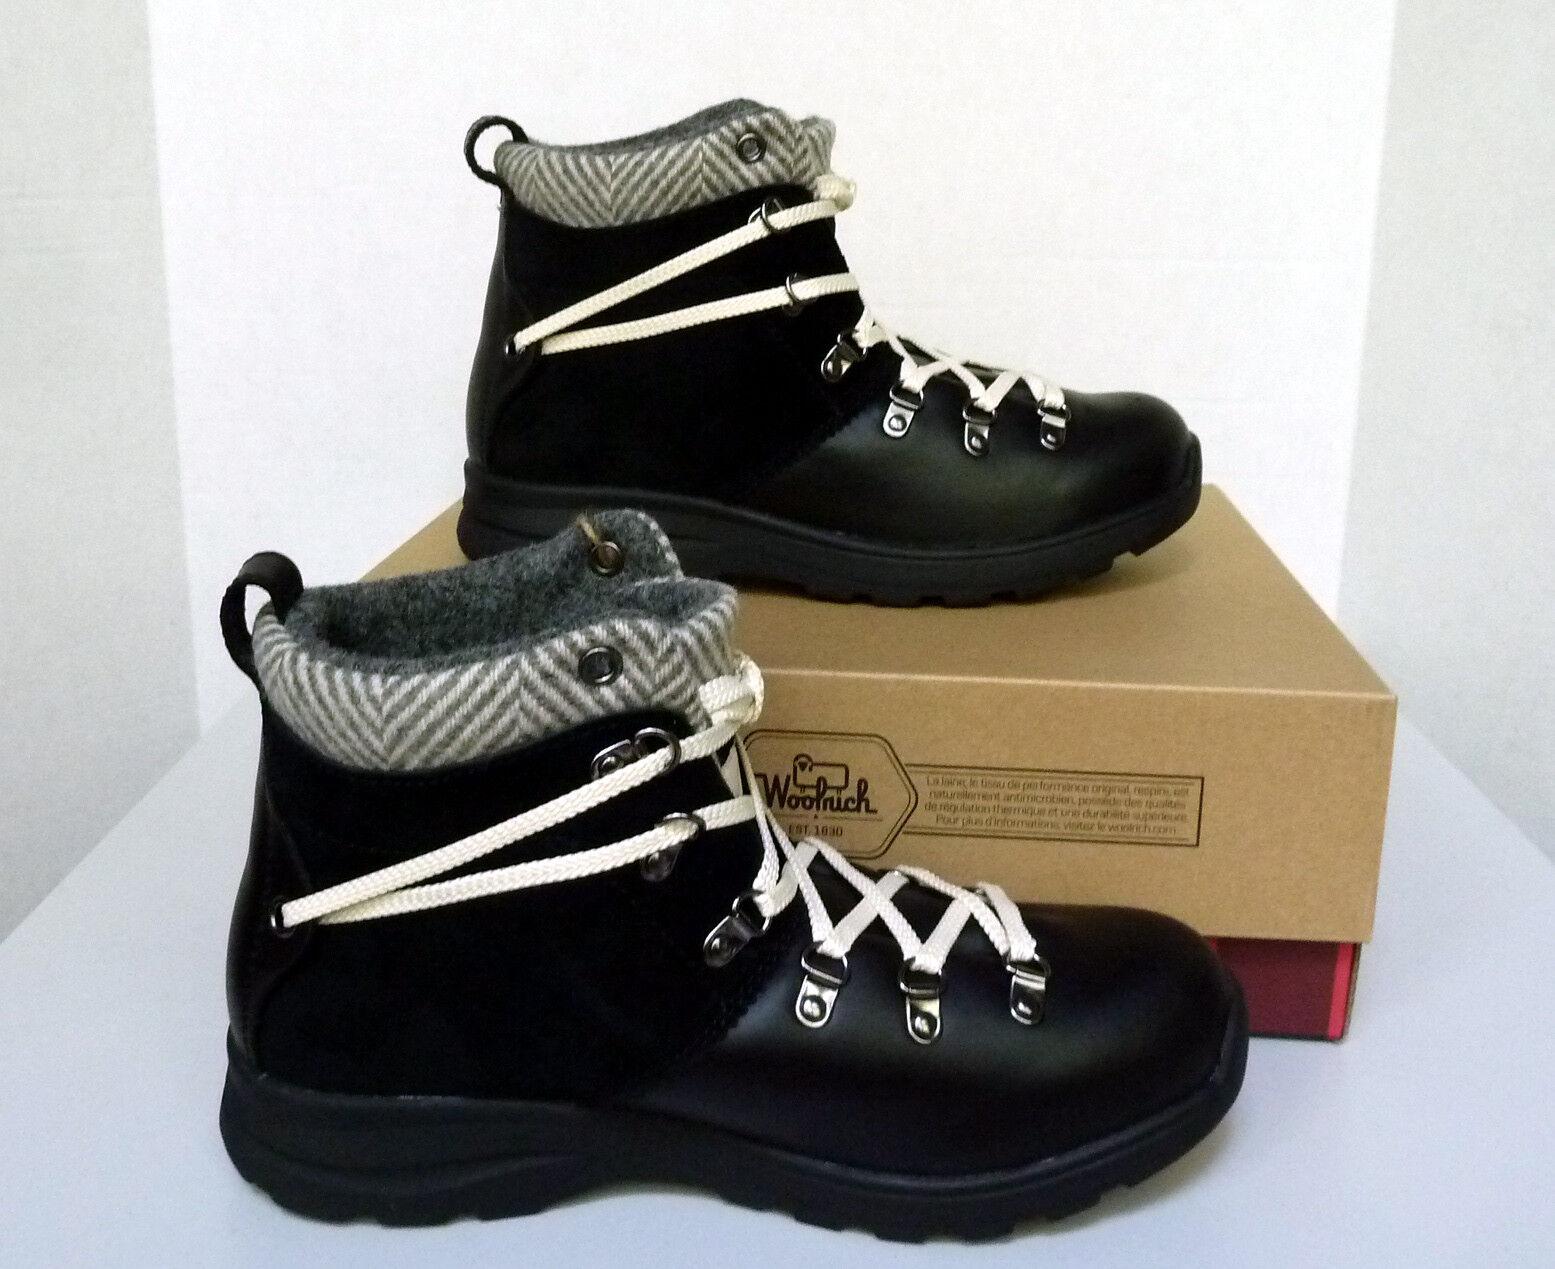 New damen`s Woolrich Rockies Rockies Rockies II Hiking Stiefel WW7100-001 MSRP 150 f4262b